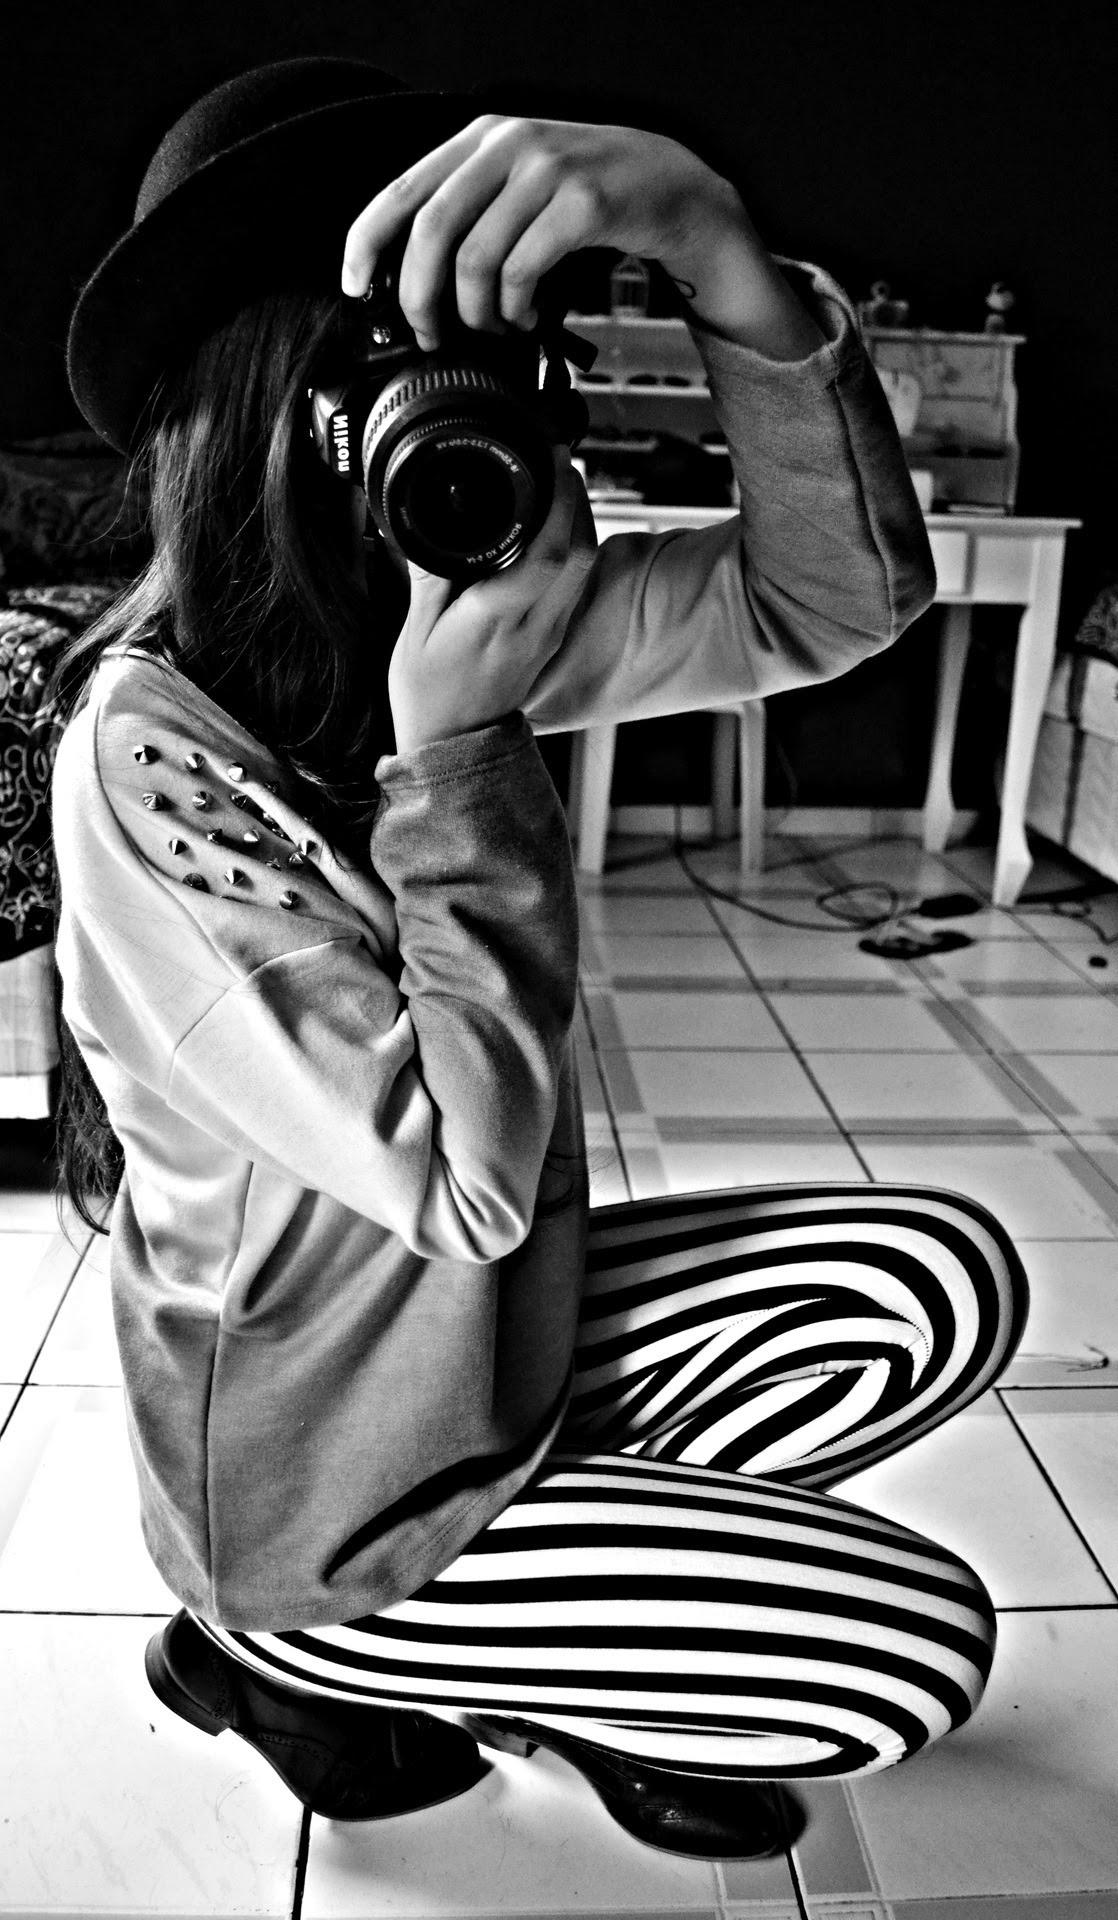 http://24.media.tumblr.com/tumblr_max4xdCAvL1qd1sqpo1_1280.jpg